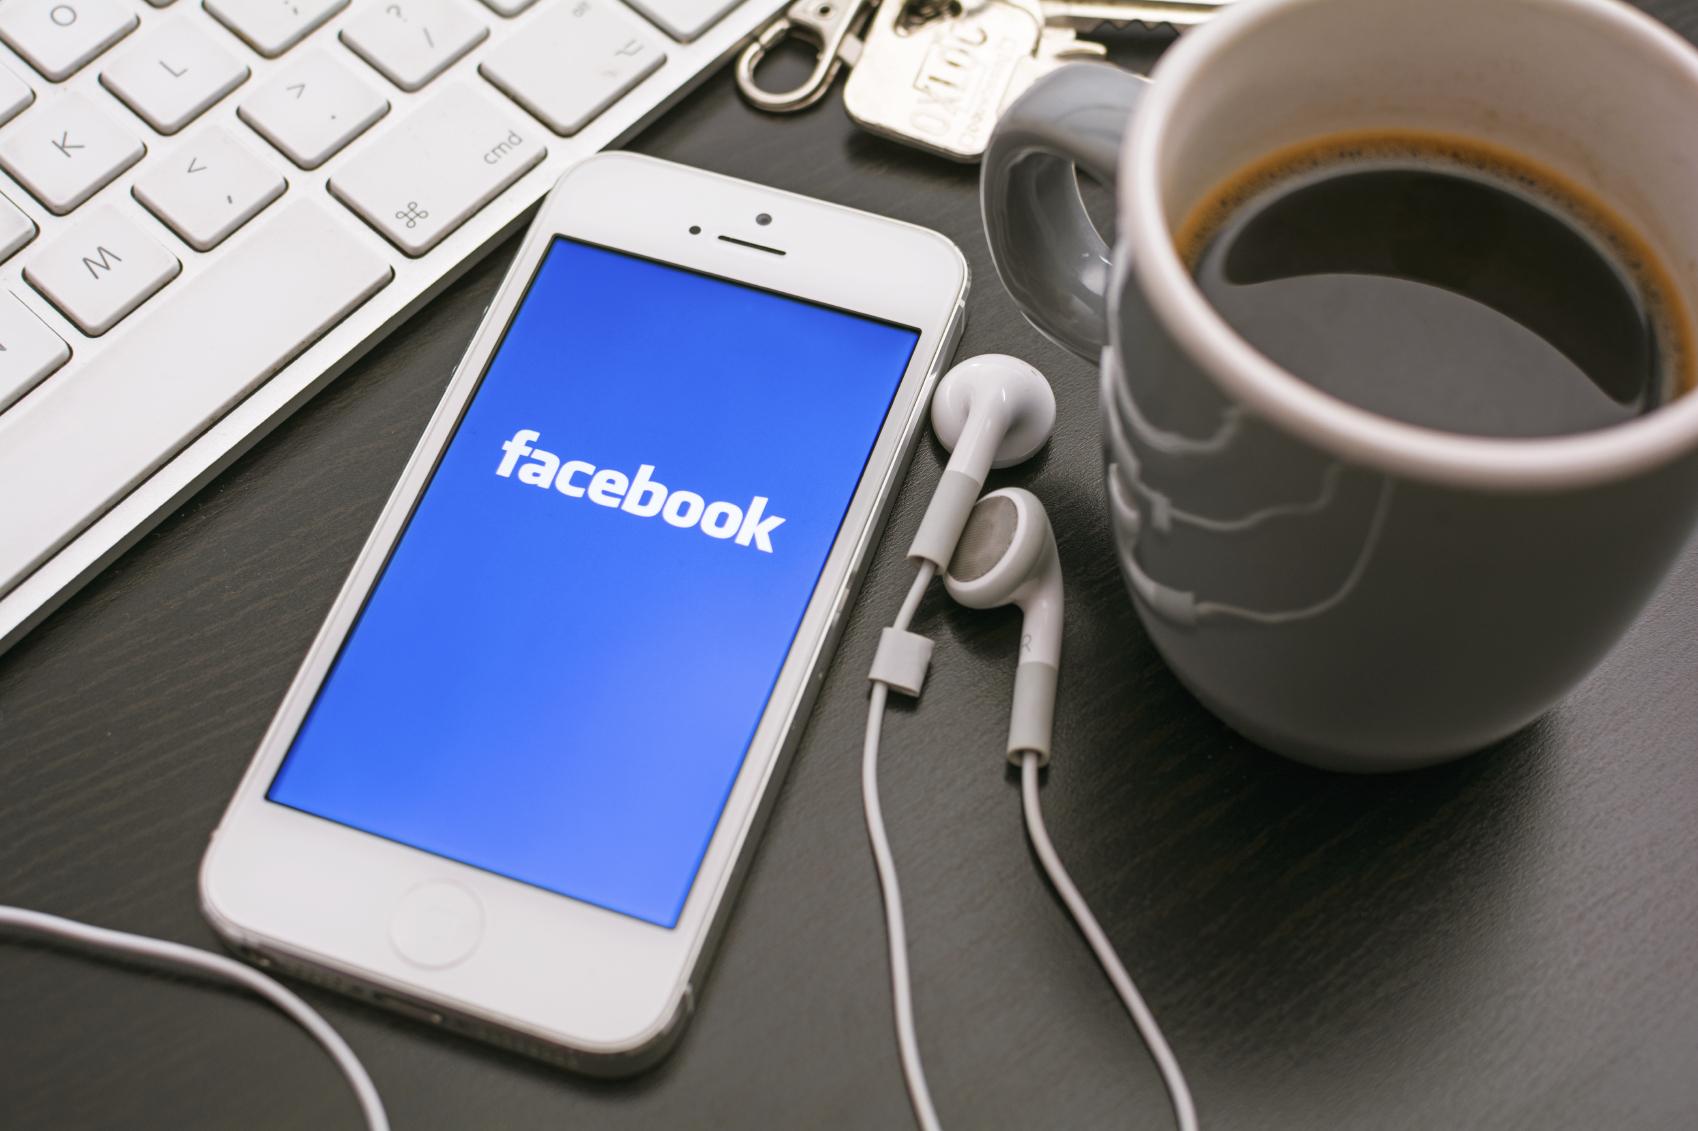 Facebook no carrega fotos no celular 68